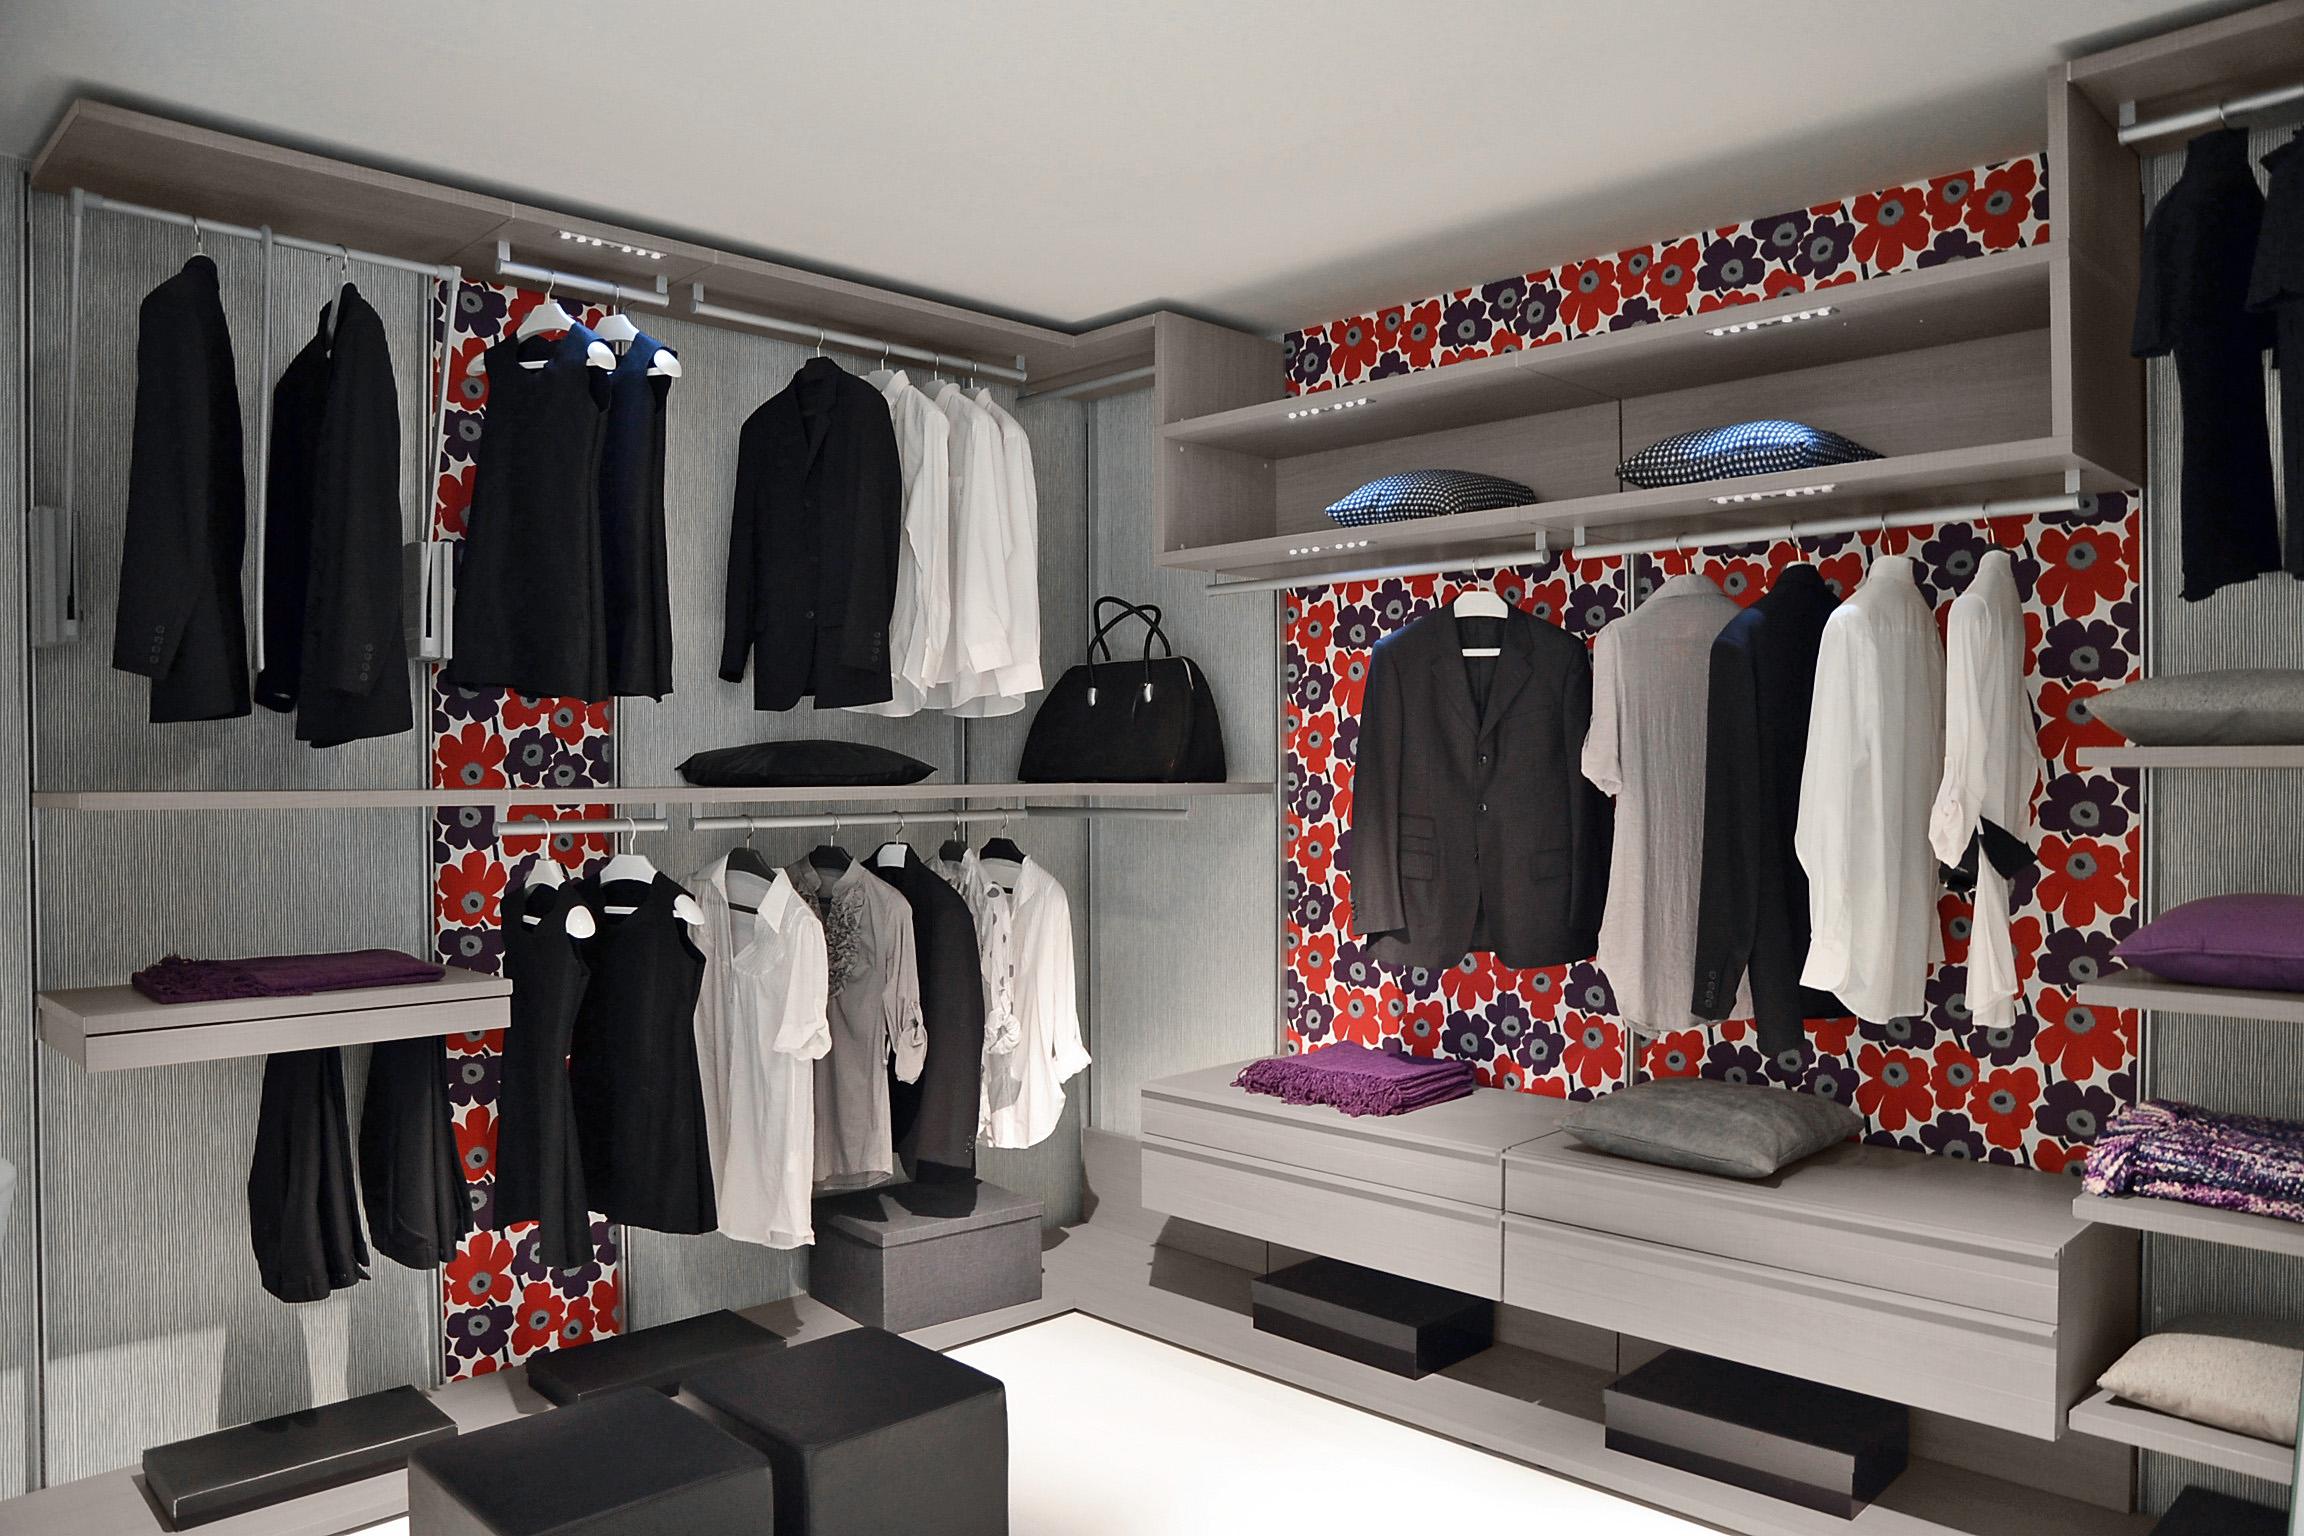 Accessories and furniture walk in closet smart modern organi.